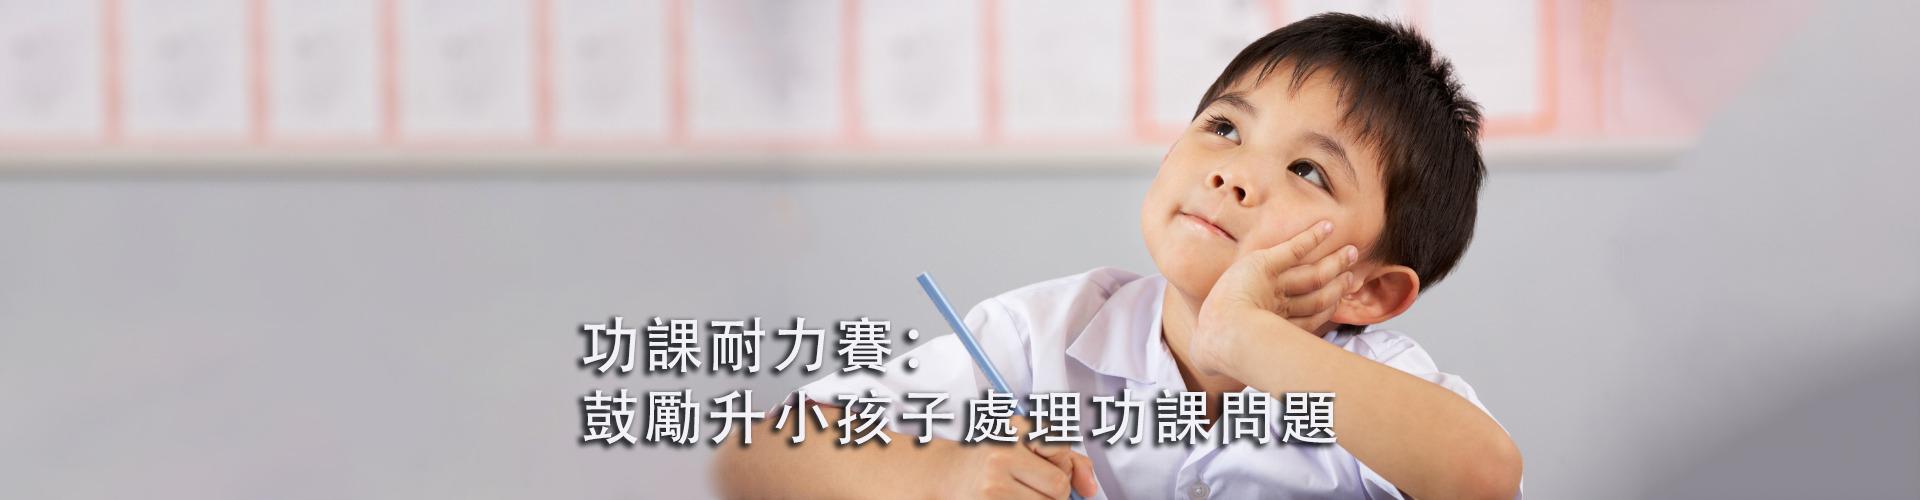 功課耐力賽:鼓勵升小孩子處理功課問題